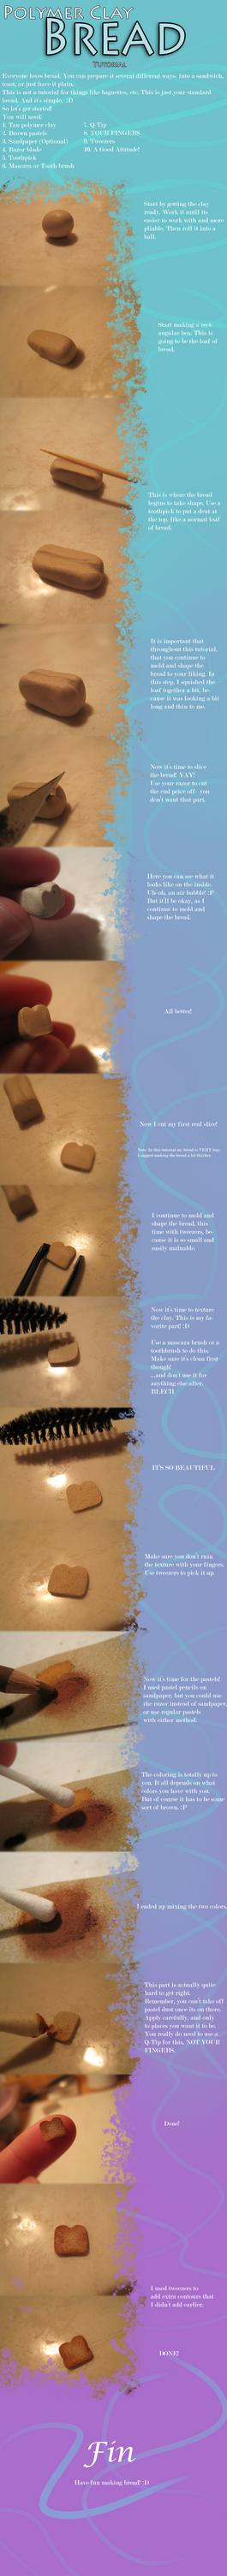 Polymer Clay Tutorial - Bread by MisttheWarrior